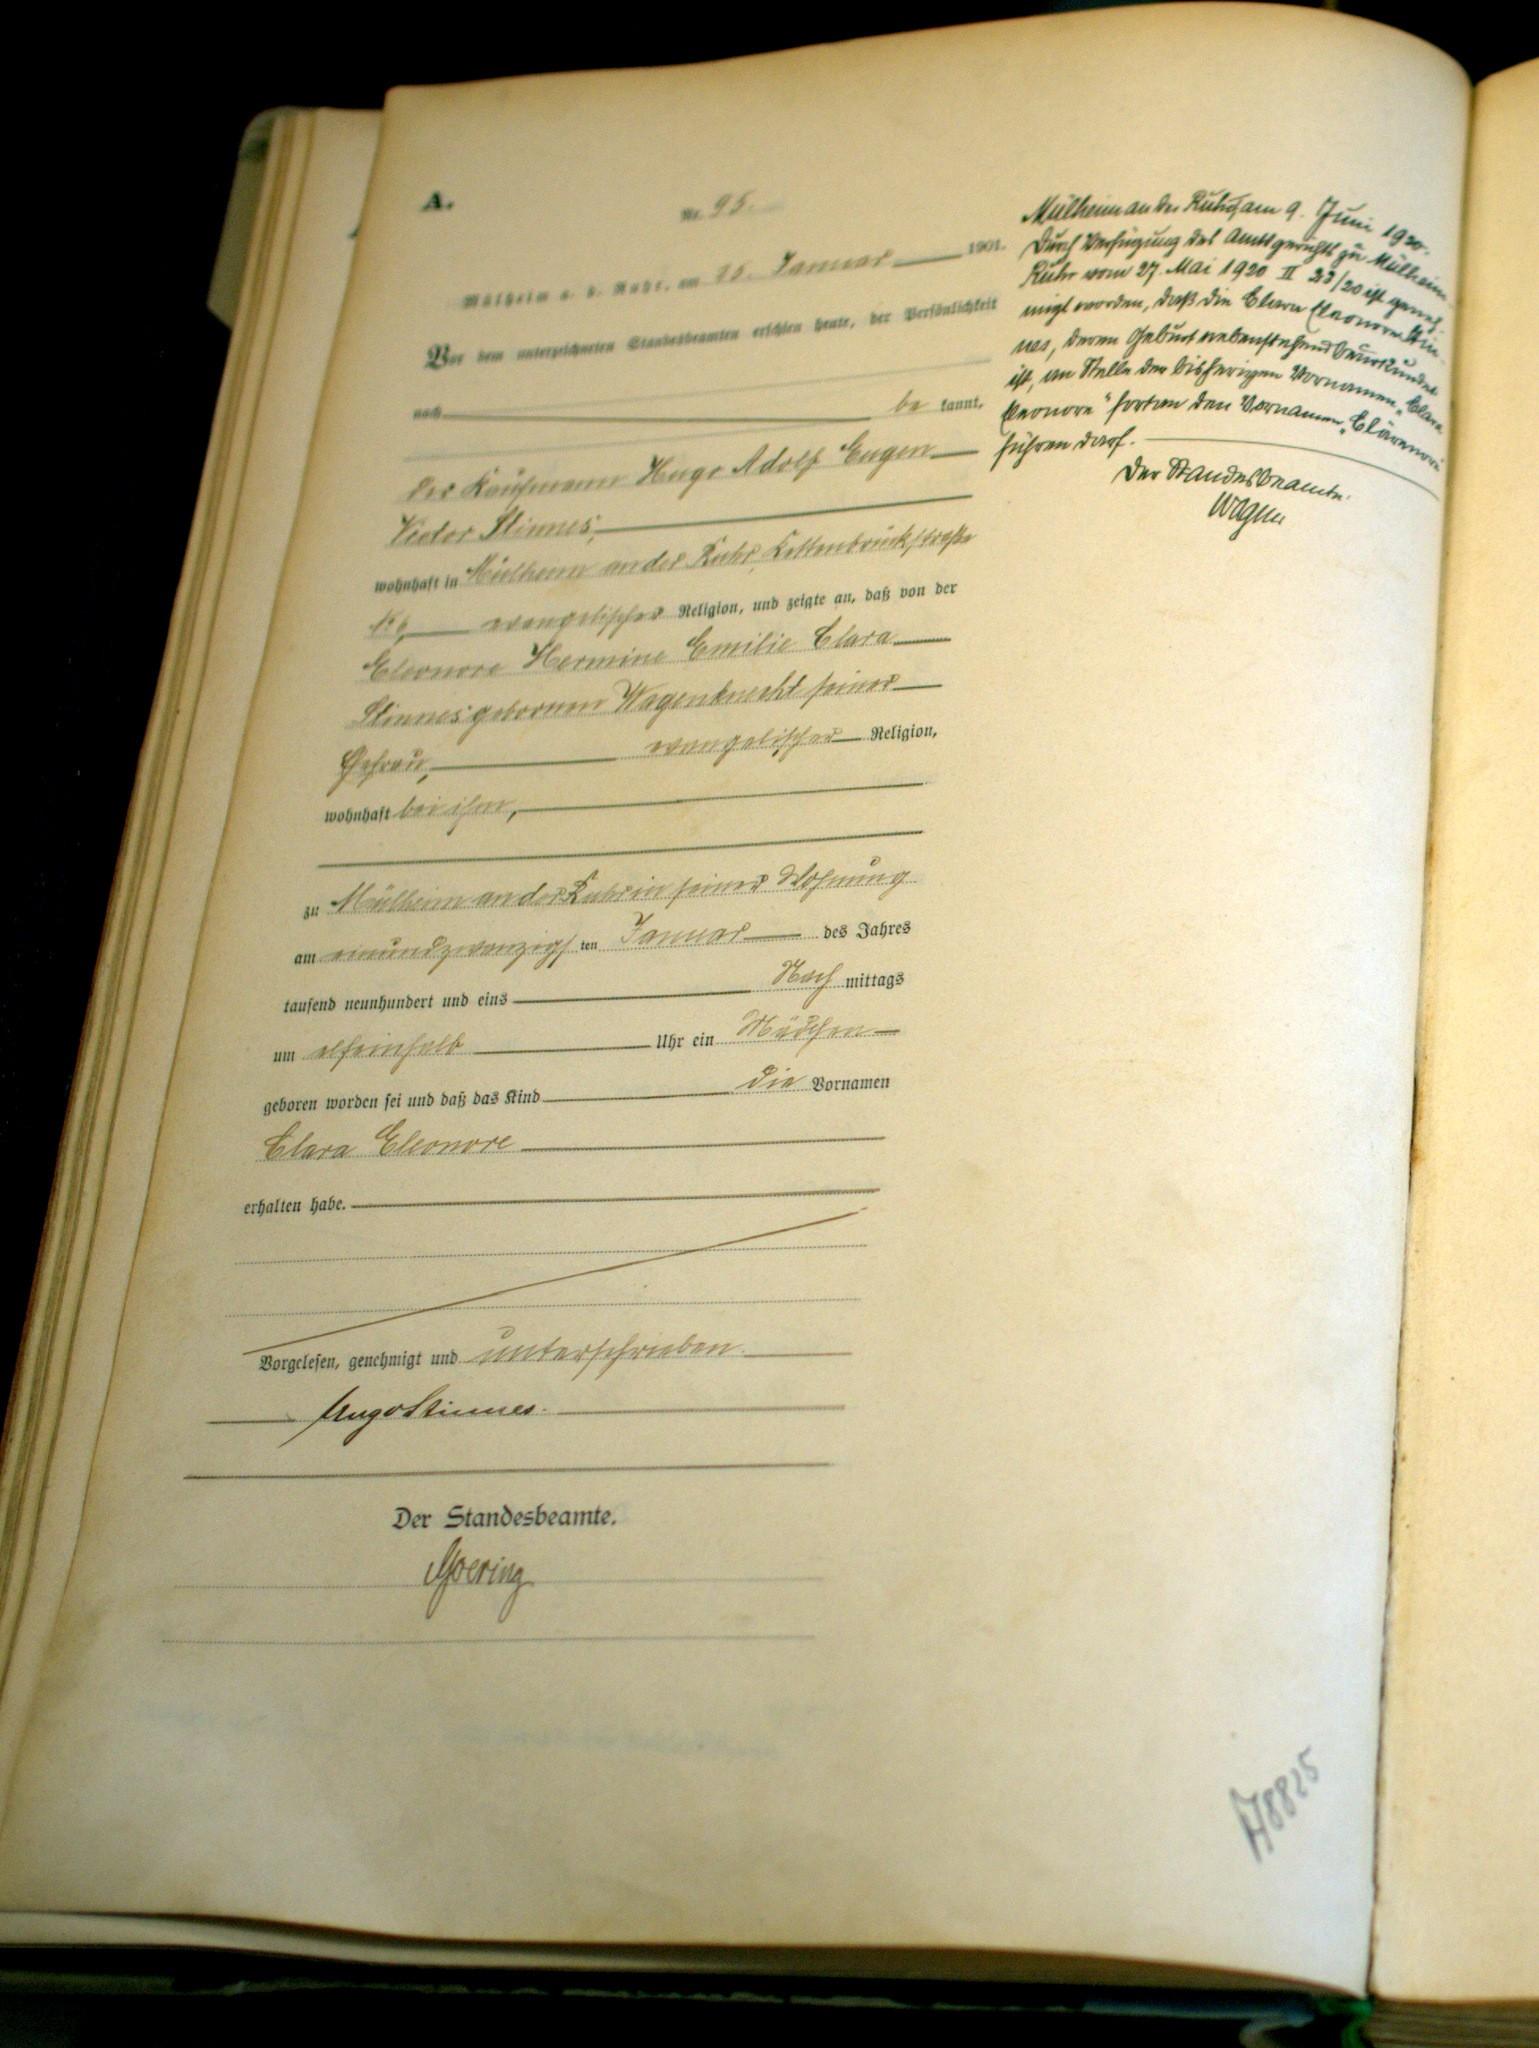 Geburtsurkunde von Clara Eleonore Stinnes, genannt Clärenore.